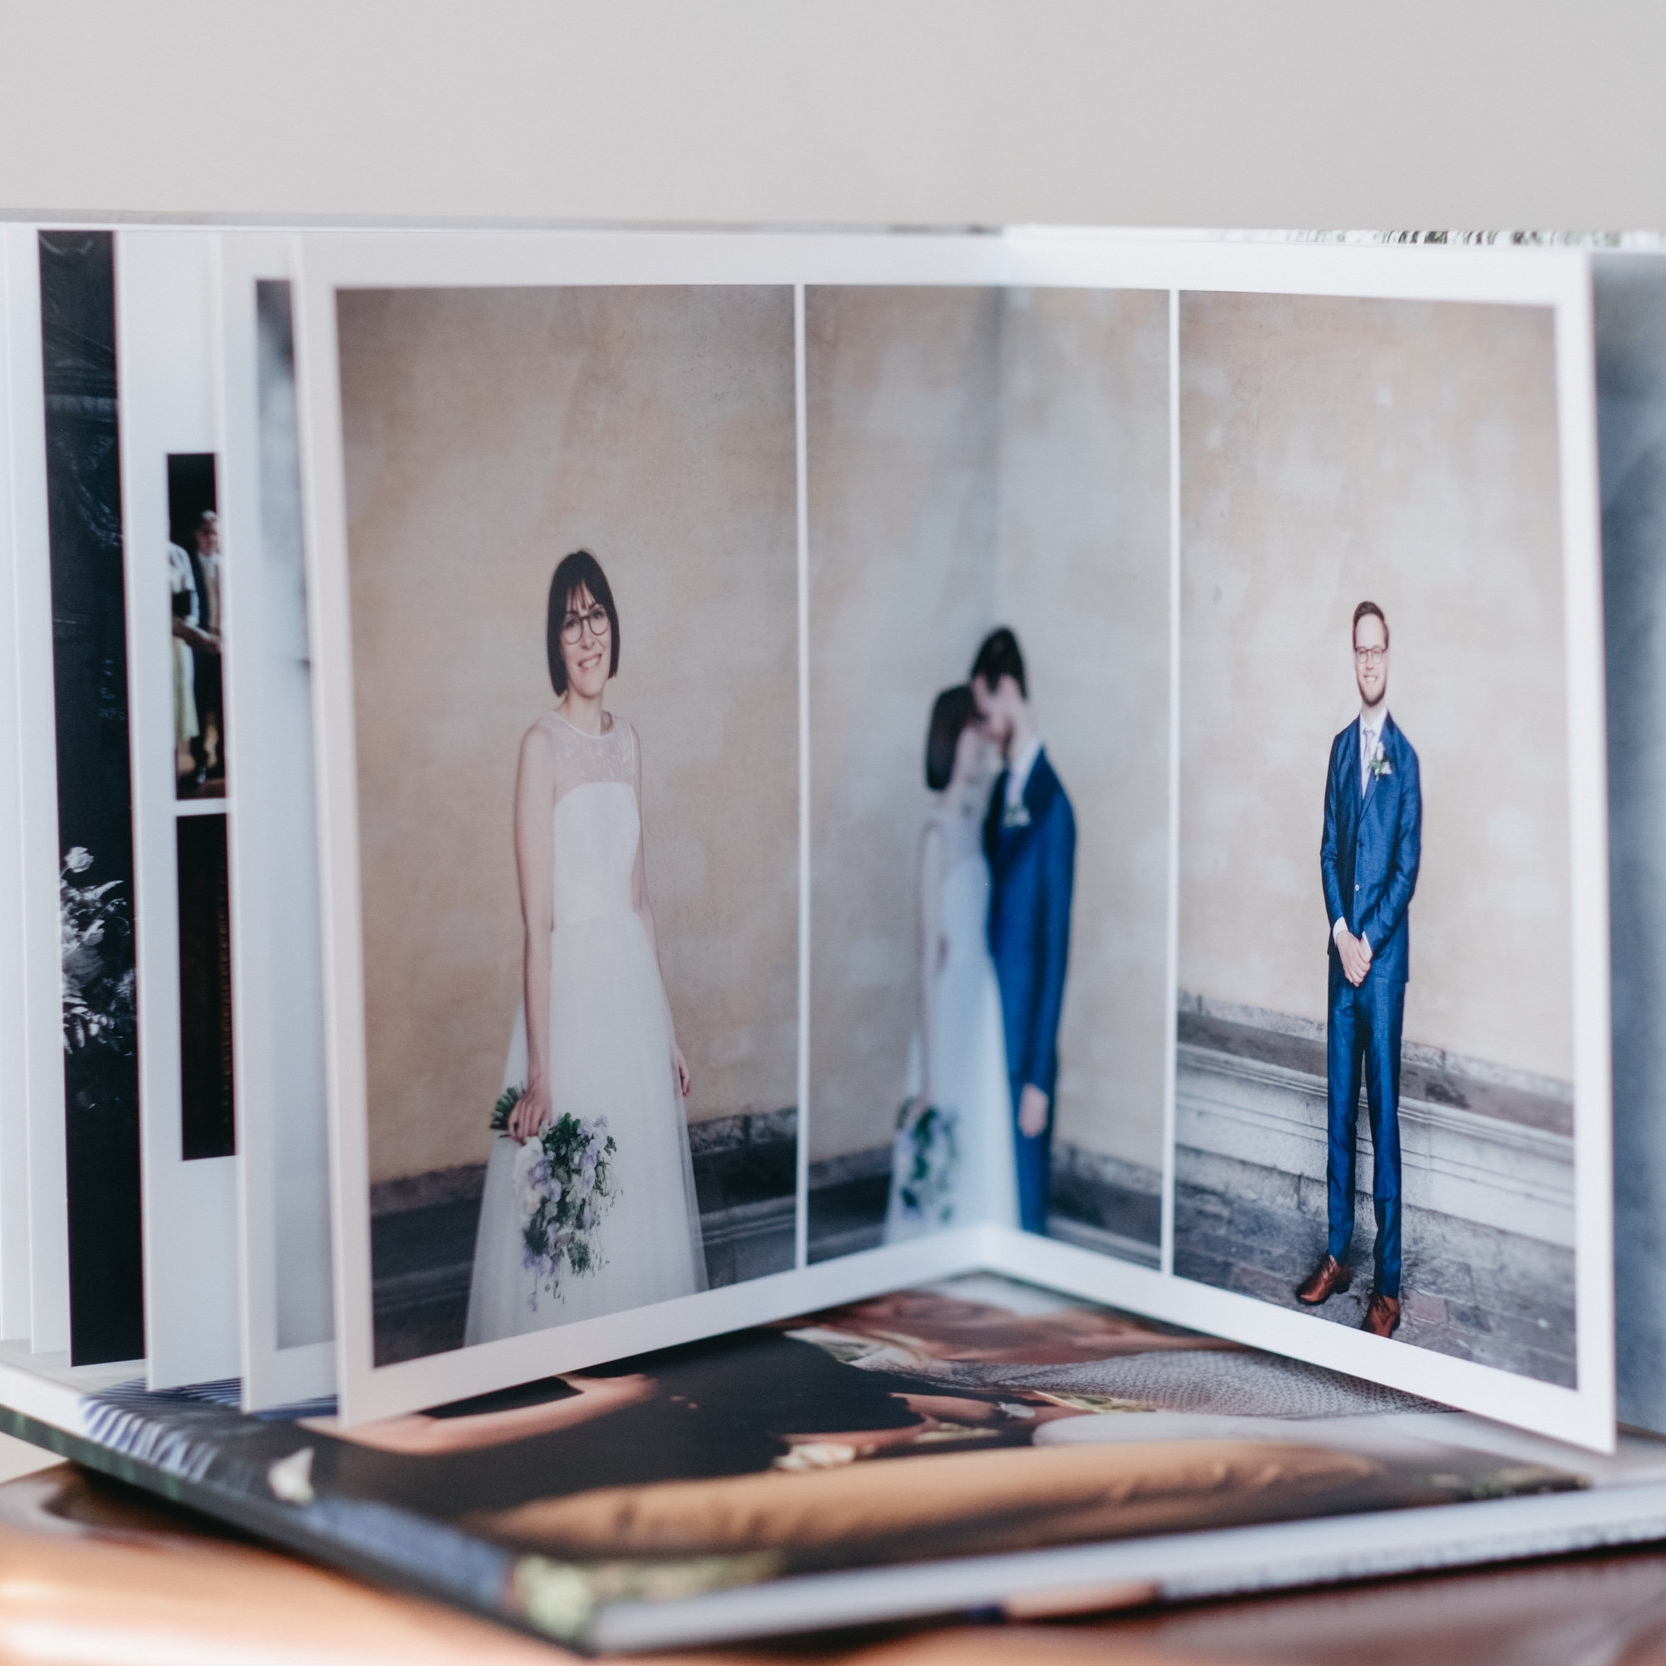 Bröllopsalbum!  Vi hjälper er att välja bilder och designar ett förslag som ni kan utgå ifrån om ni vill justera något.